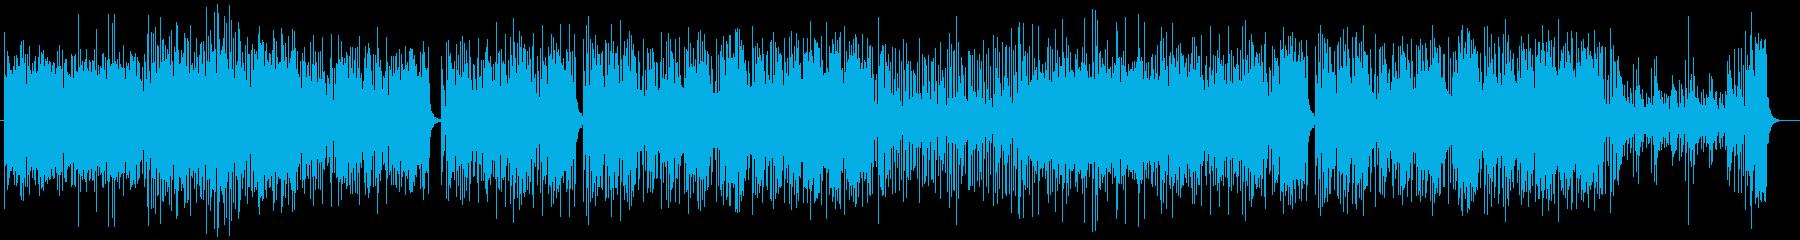 リズミカルでムーディーなピアノラテン系曲の再生済みの波形